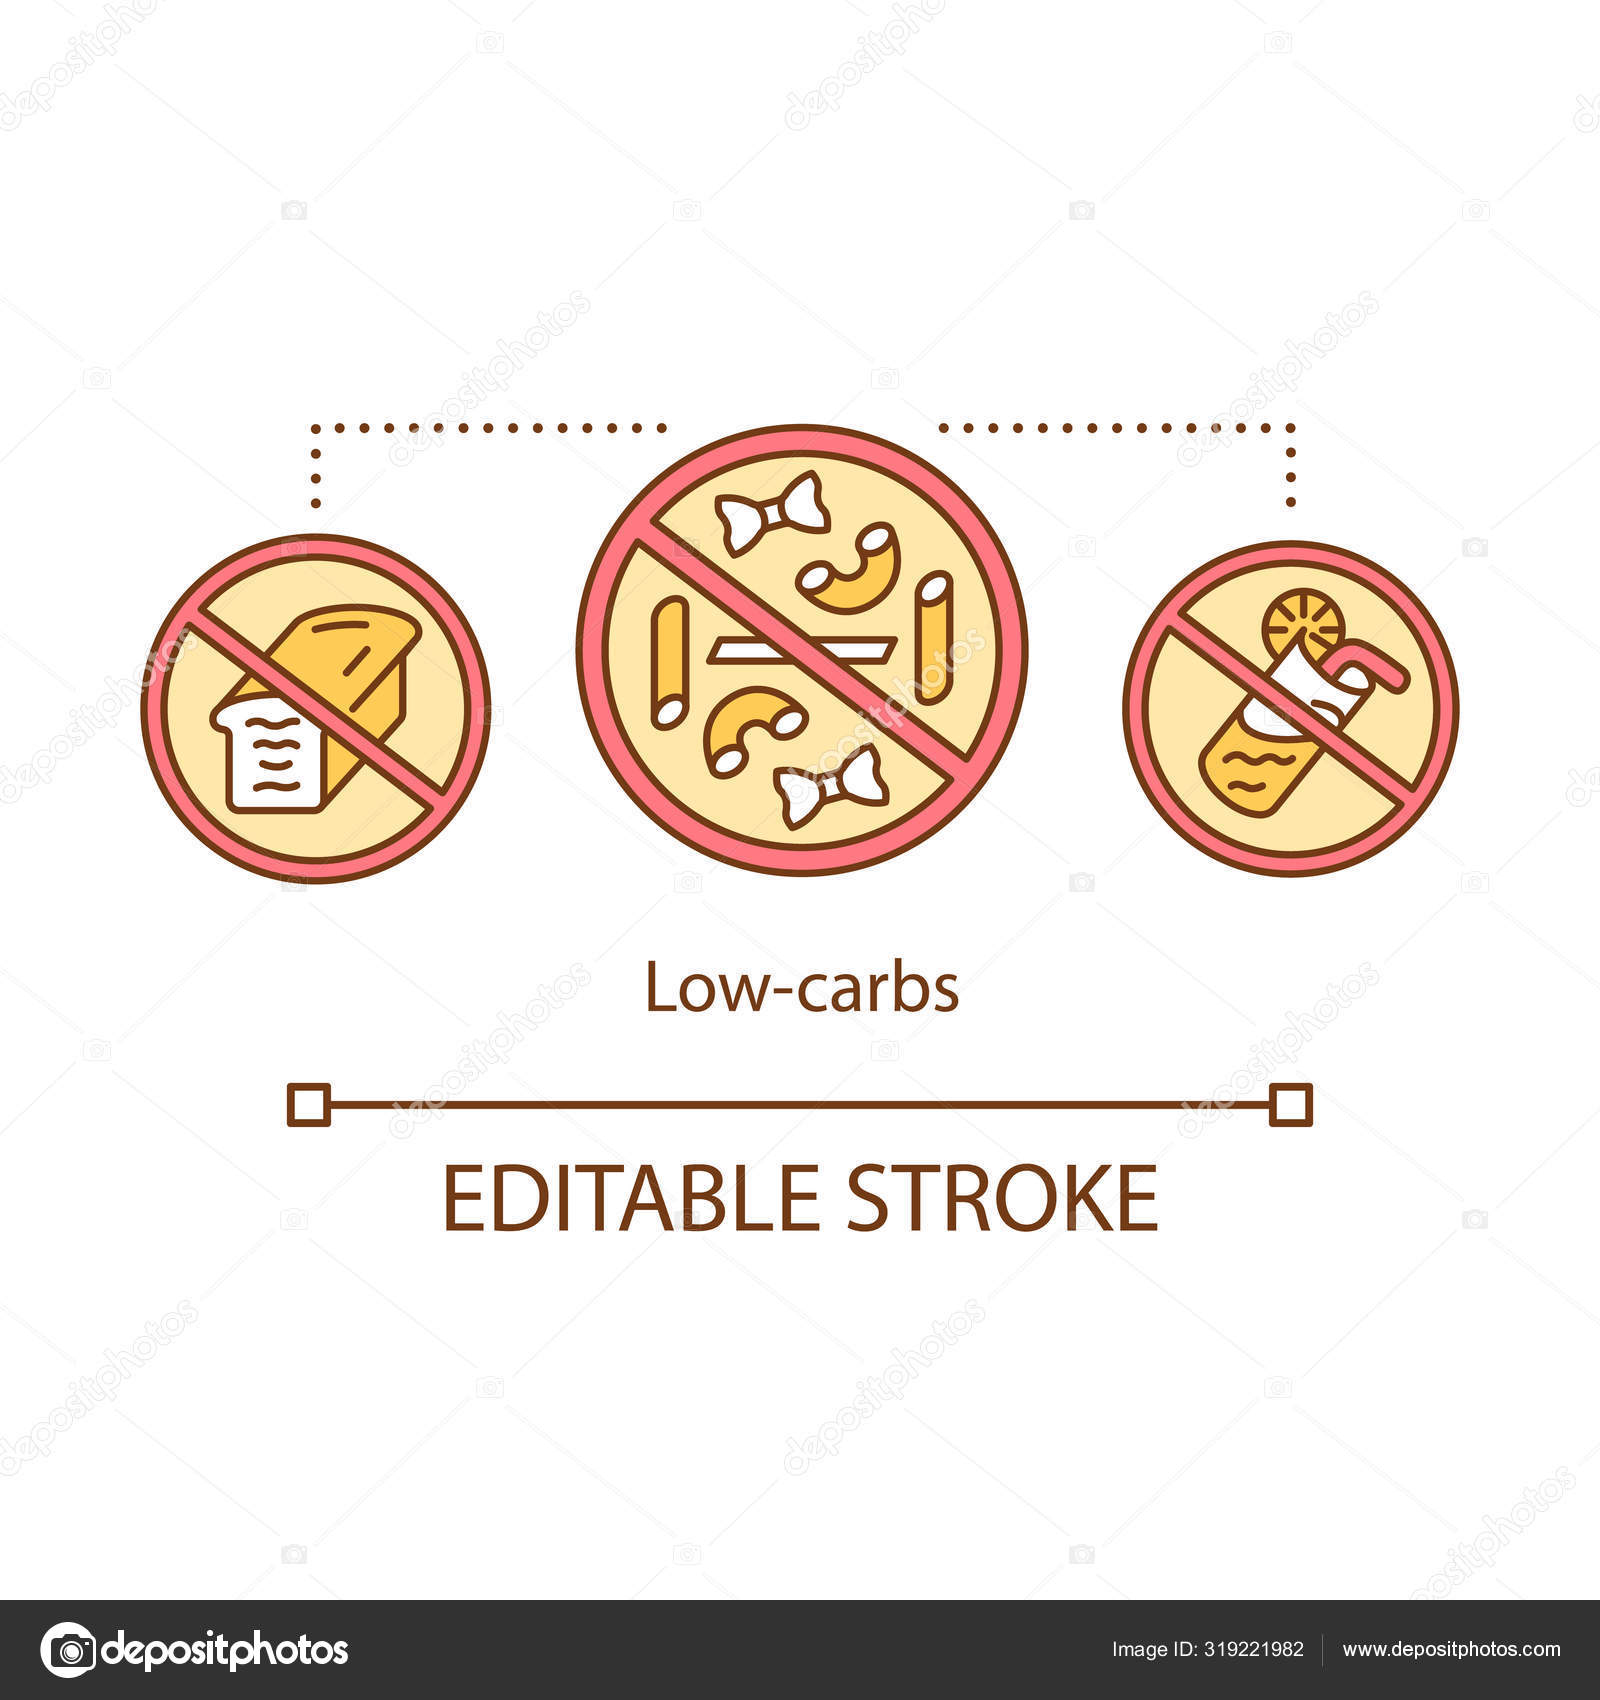 bsd low carb diet